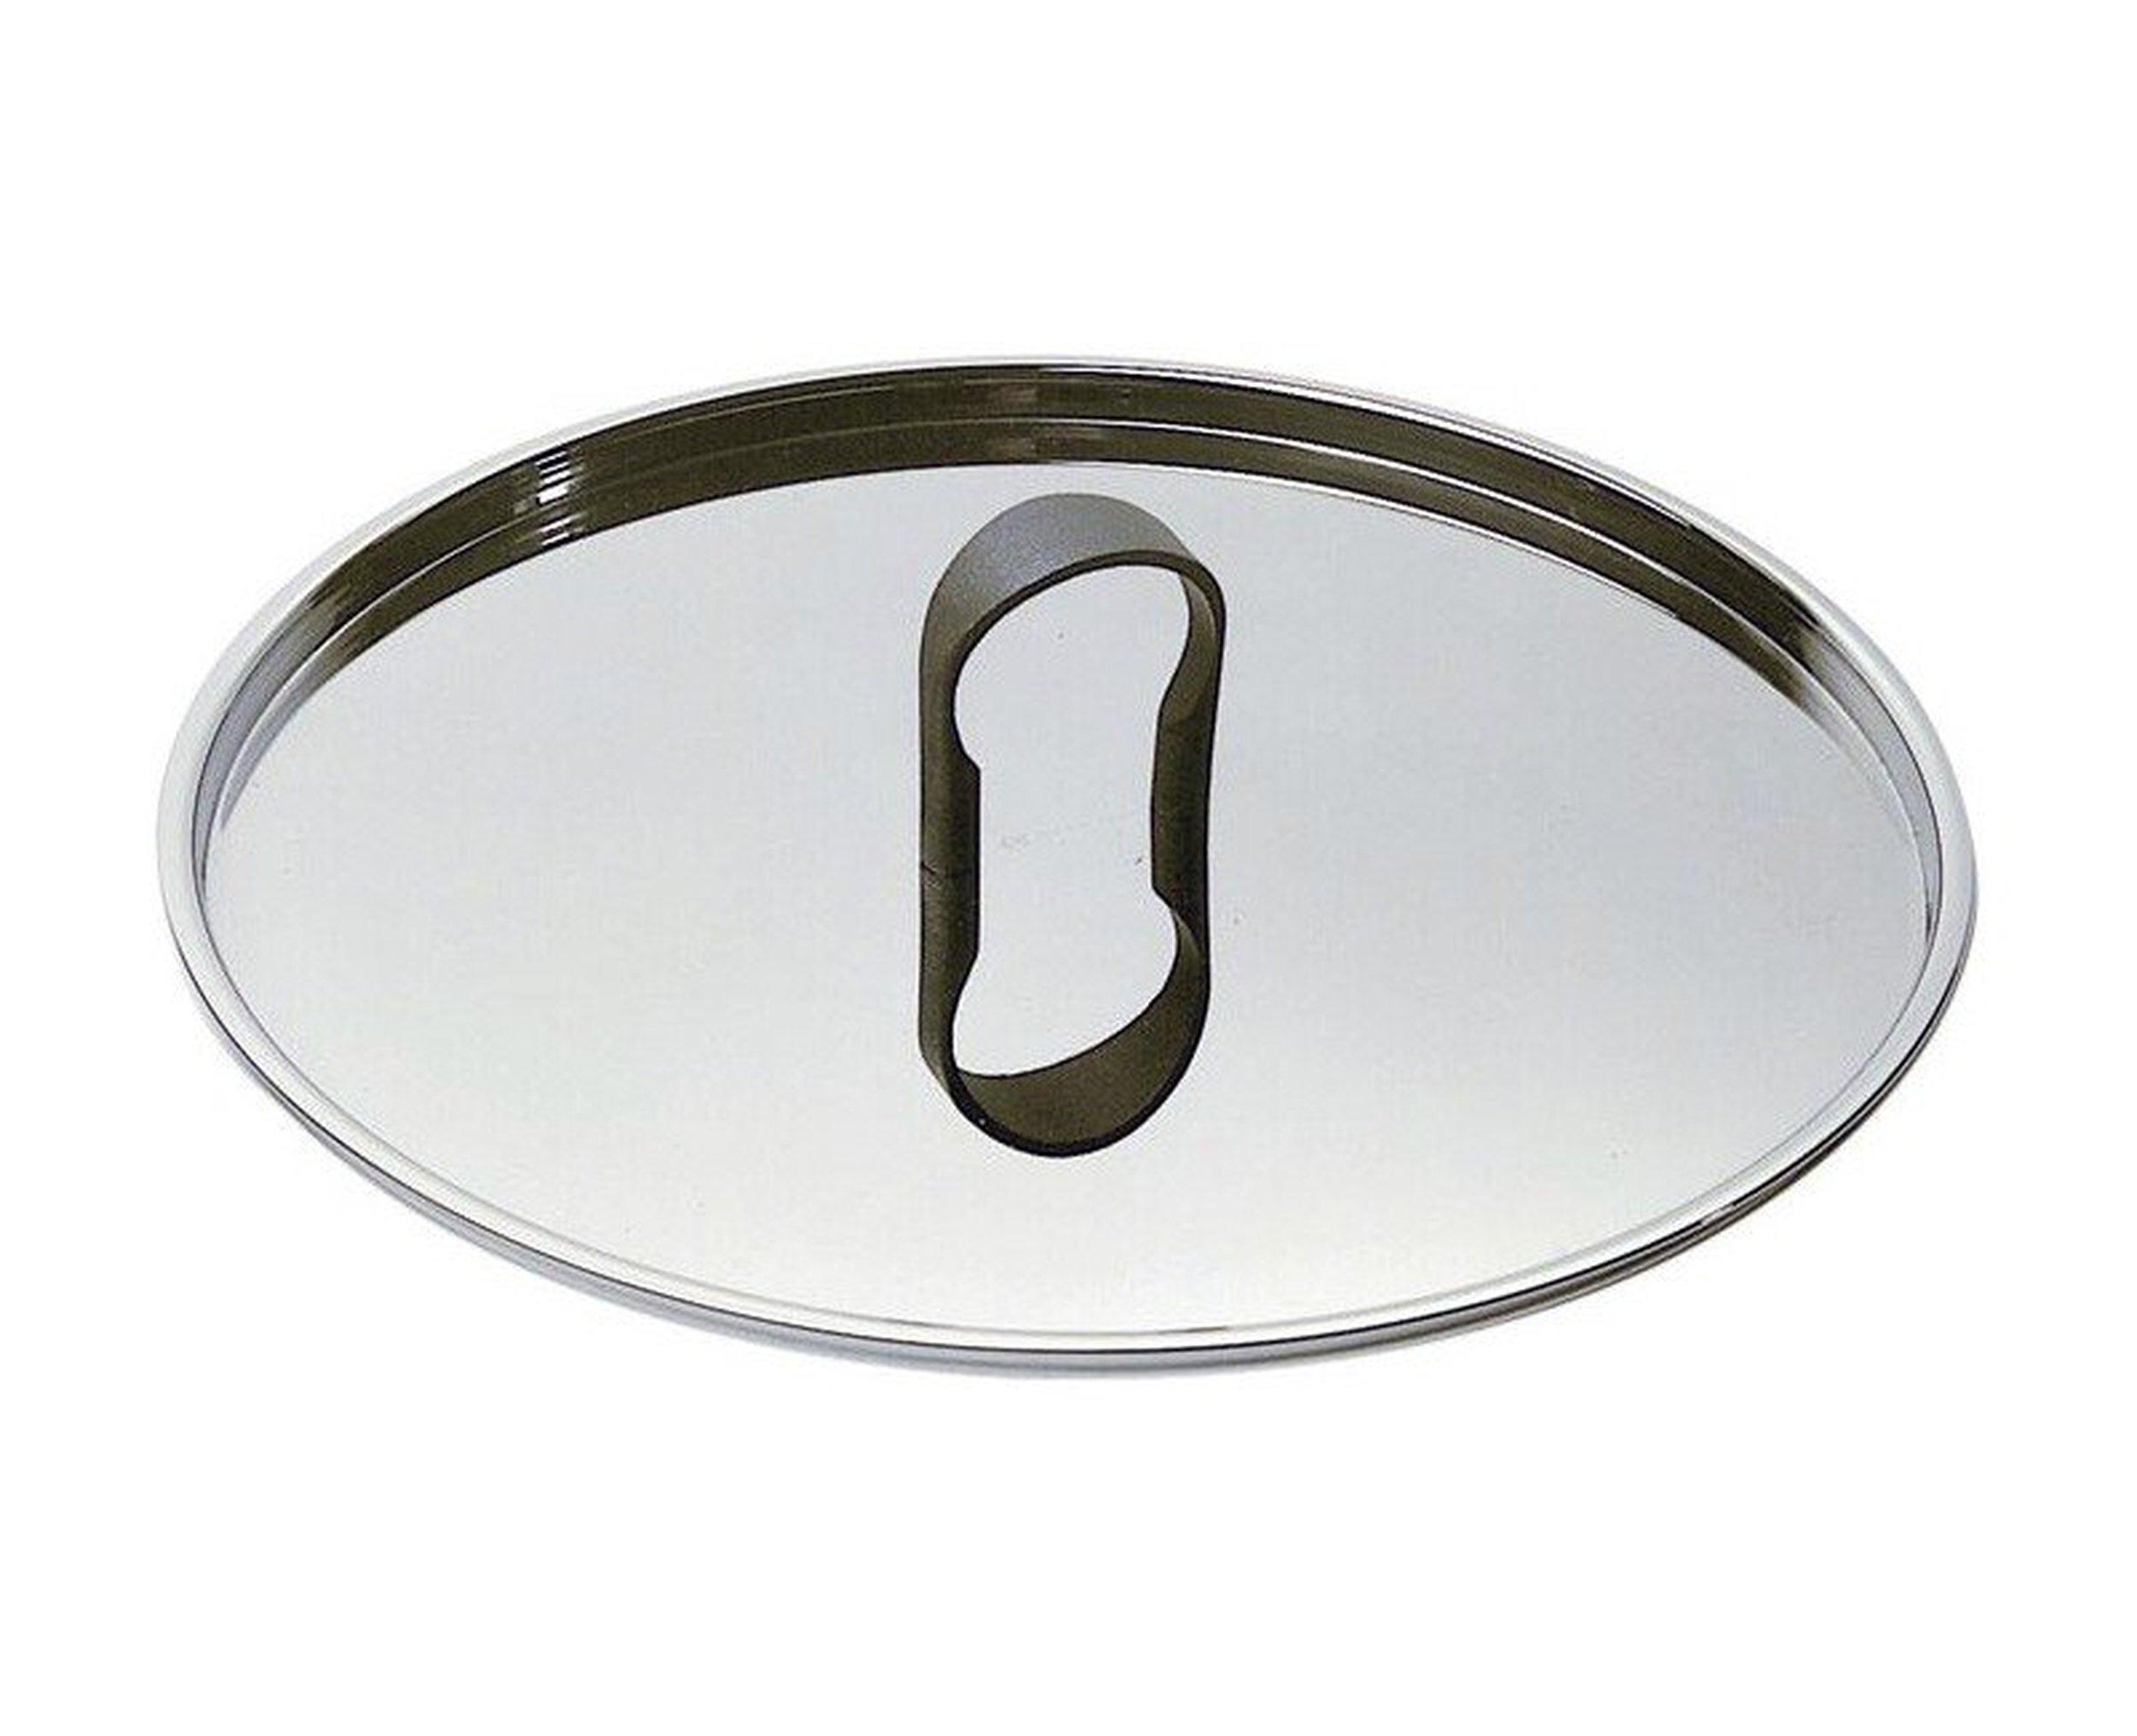 Rondel do sos w la cintura di orione officina alessi for Piani di officina e officina